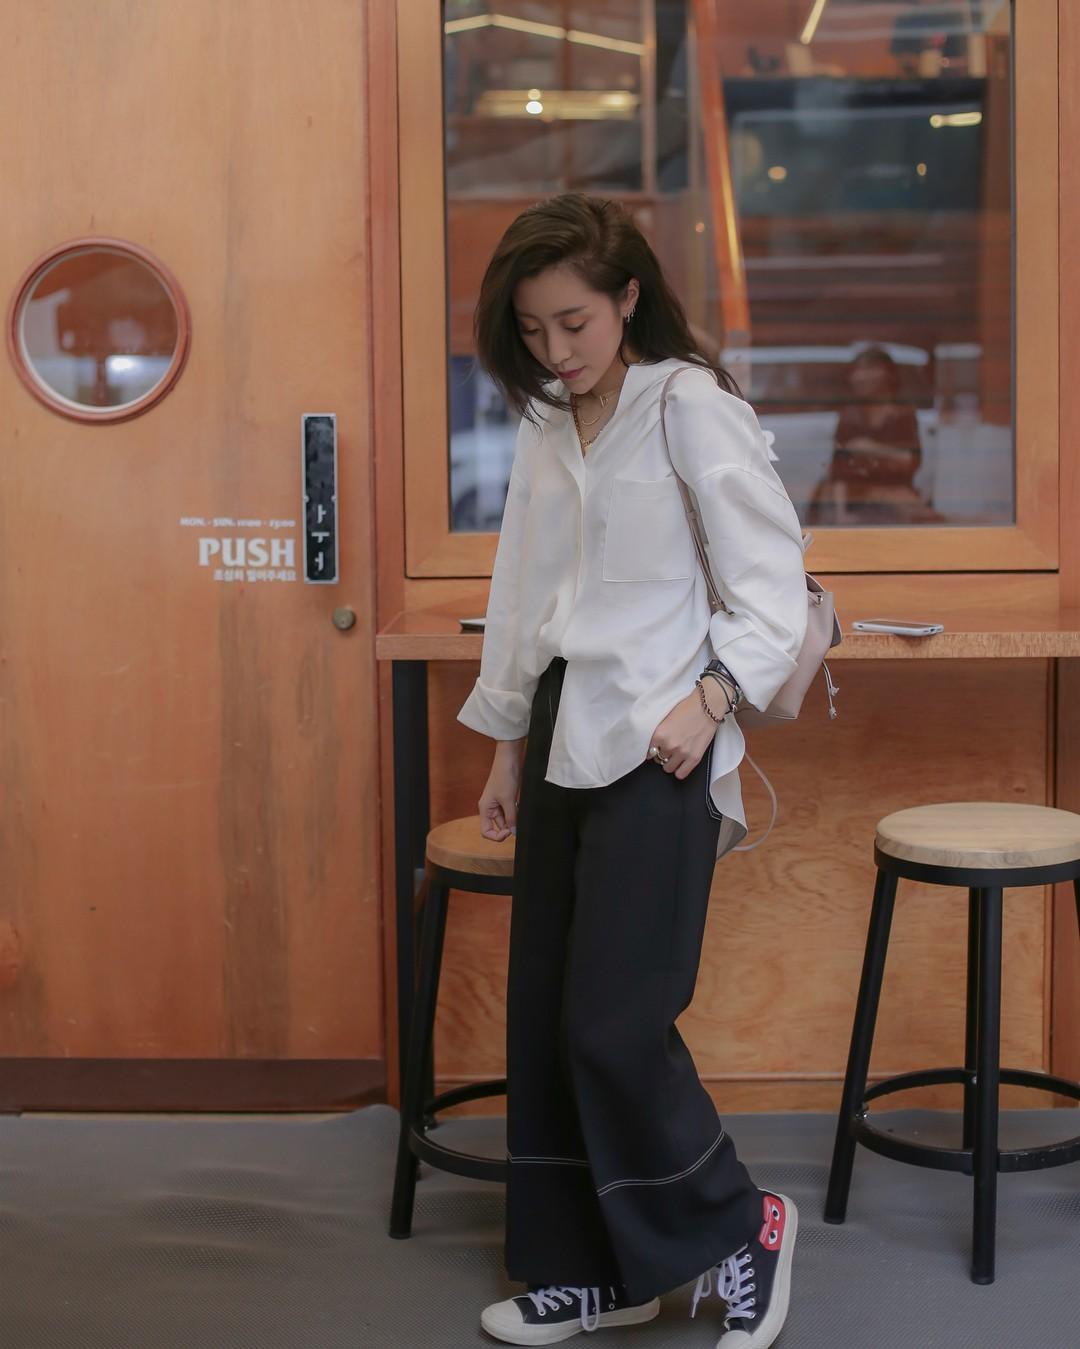 Vóc dáng thấp bé thì có sao, cô nàng này sẽ chỉ cho bạn cách mặc đẹp để được nhiều người ngưỡng mộ